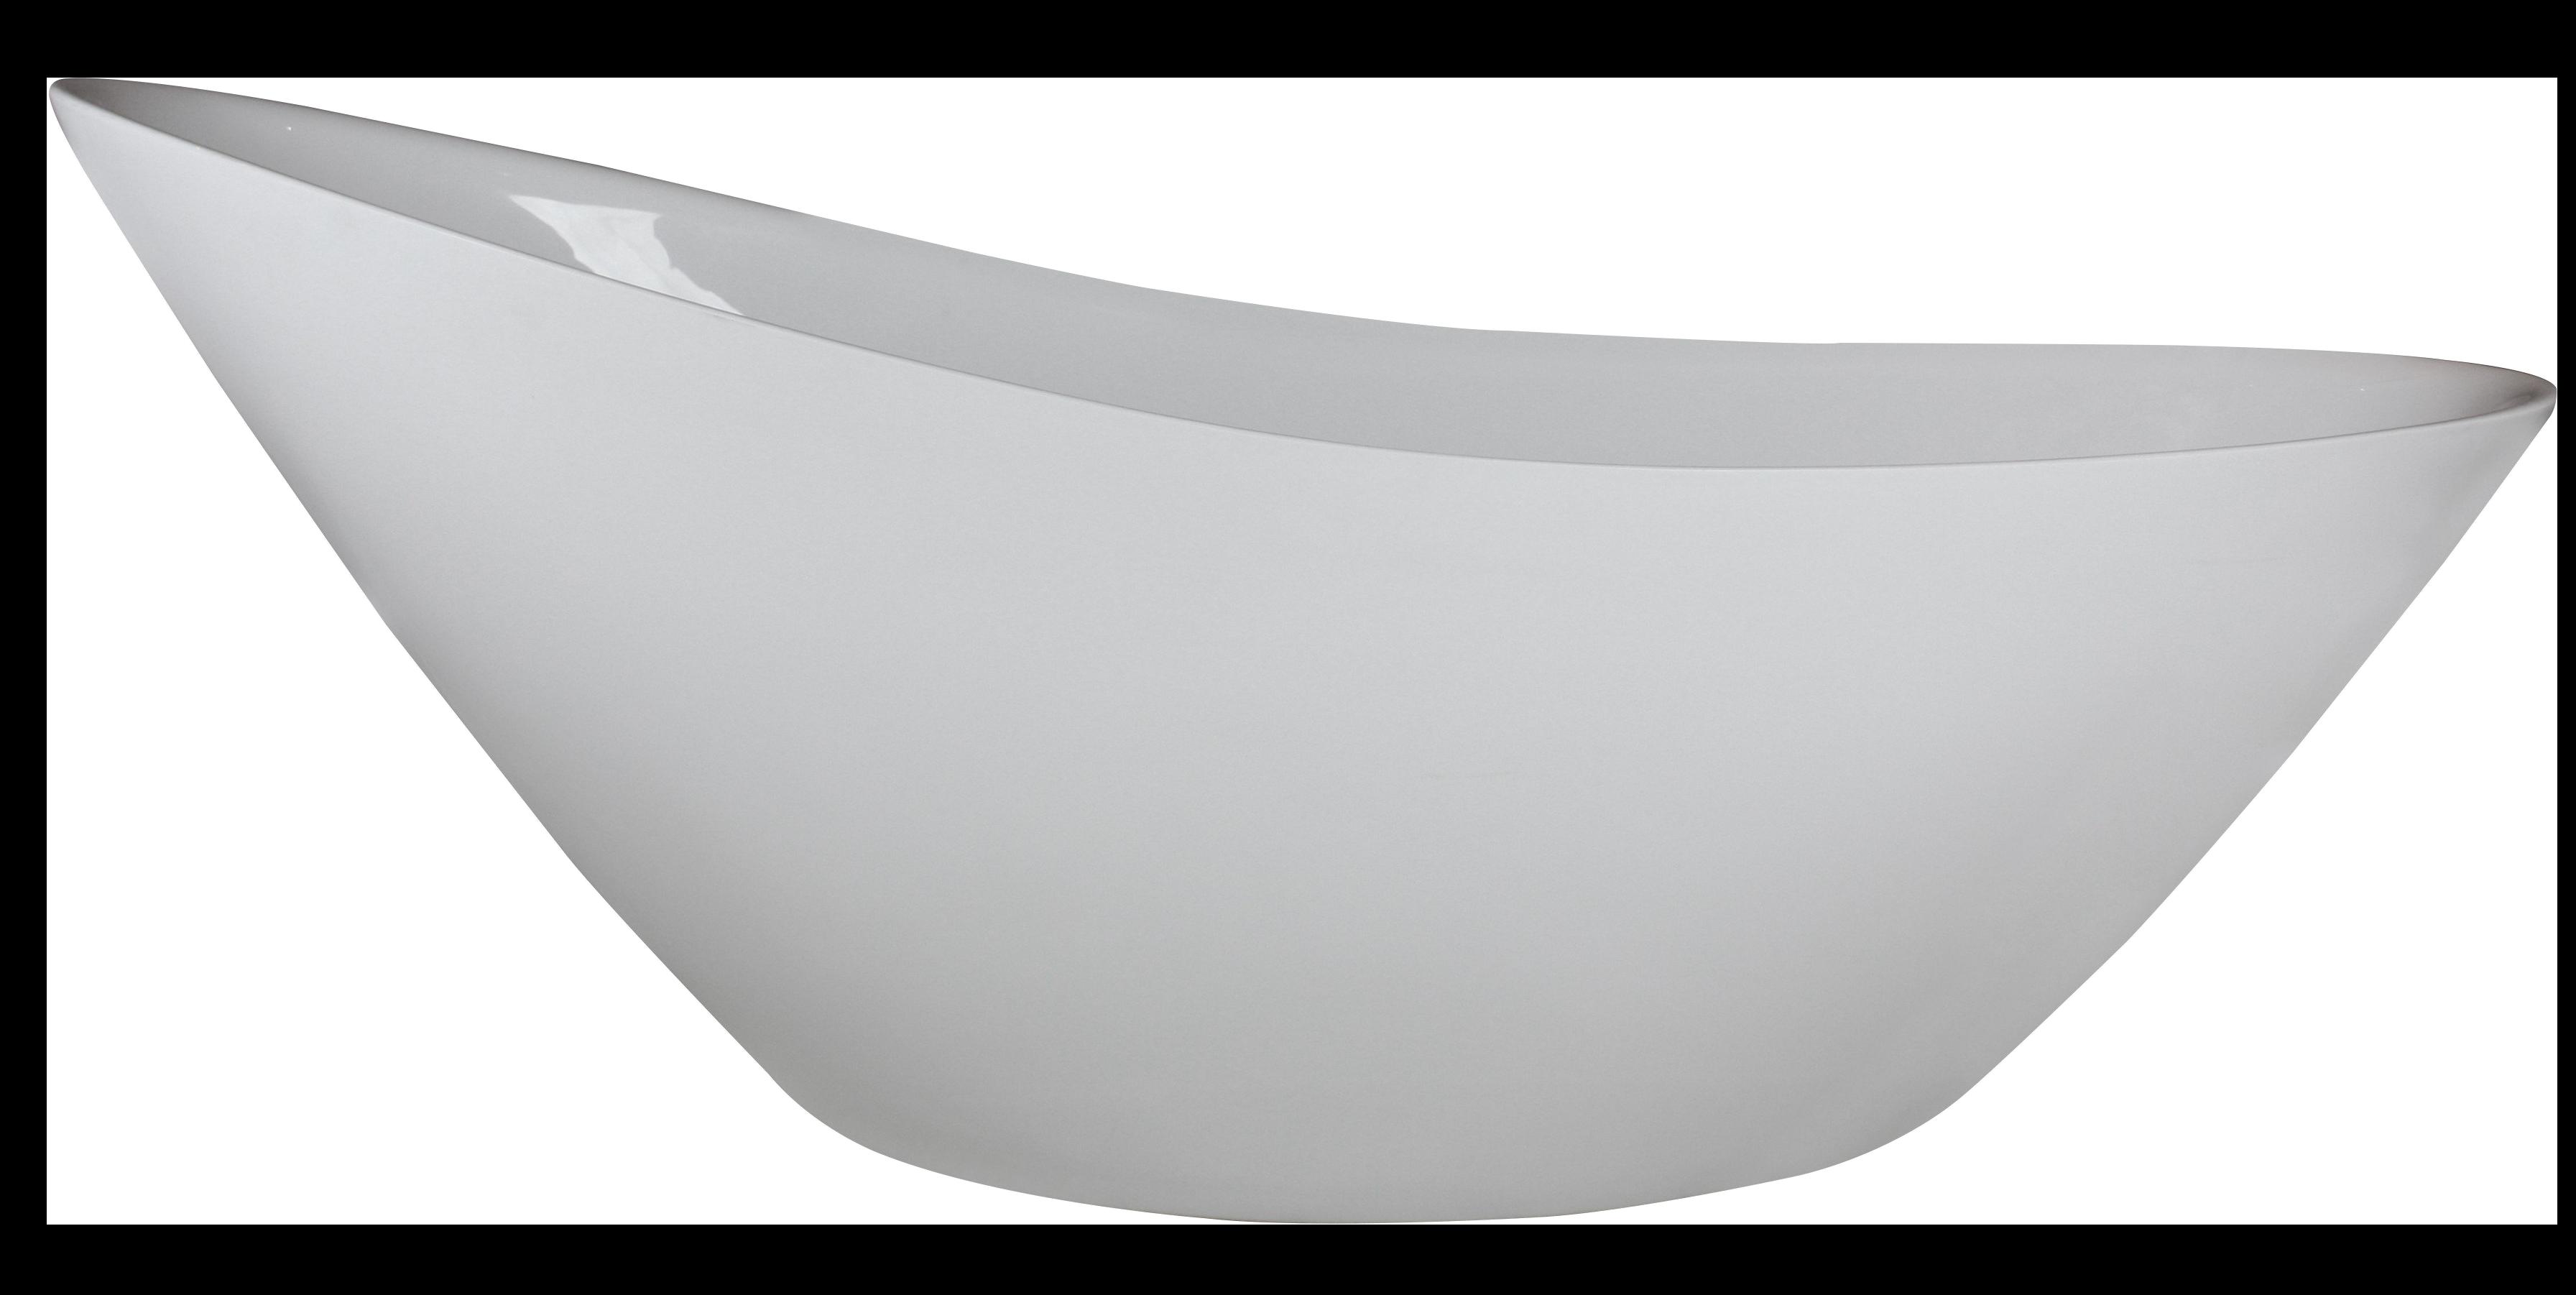 xion-bathtub-1